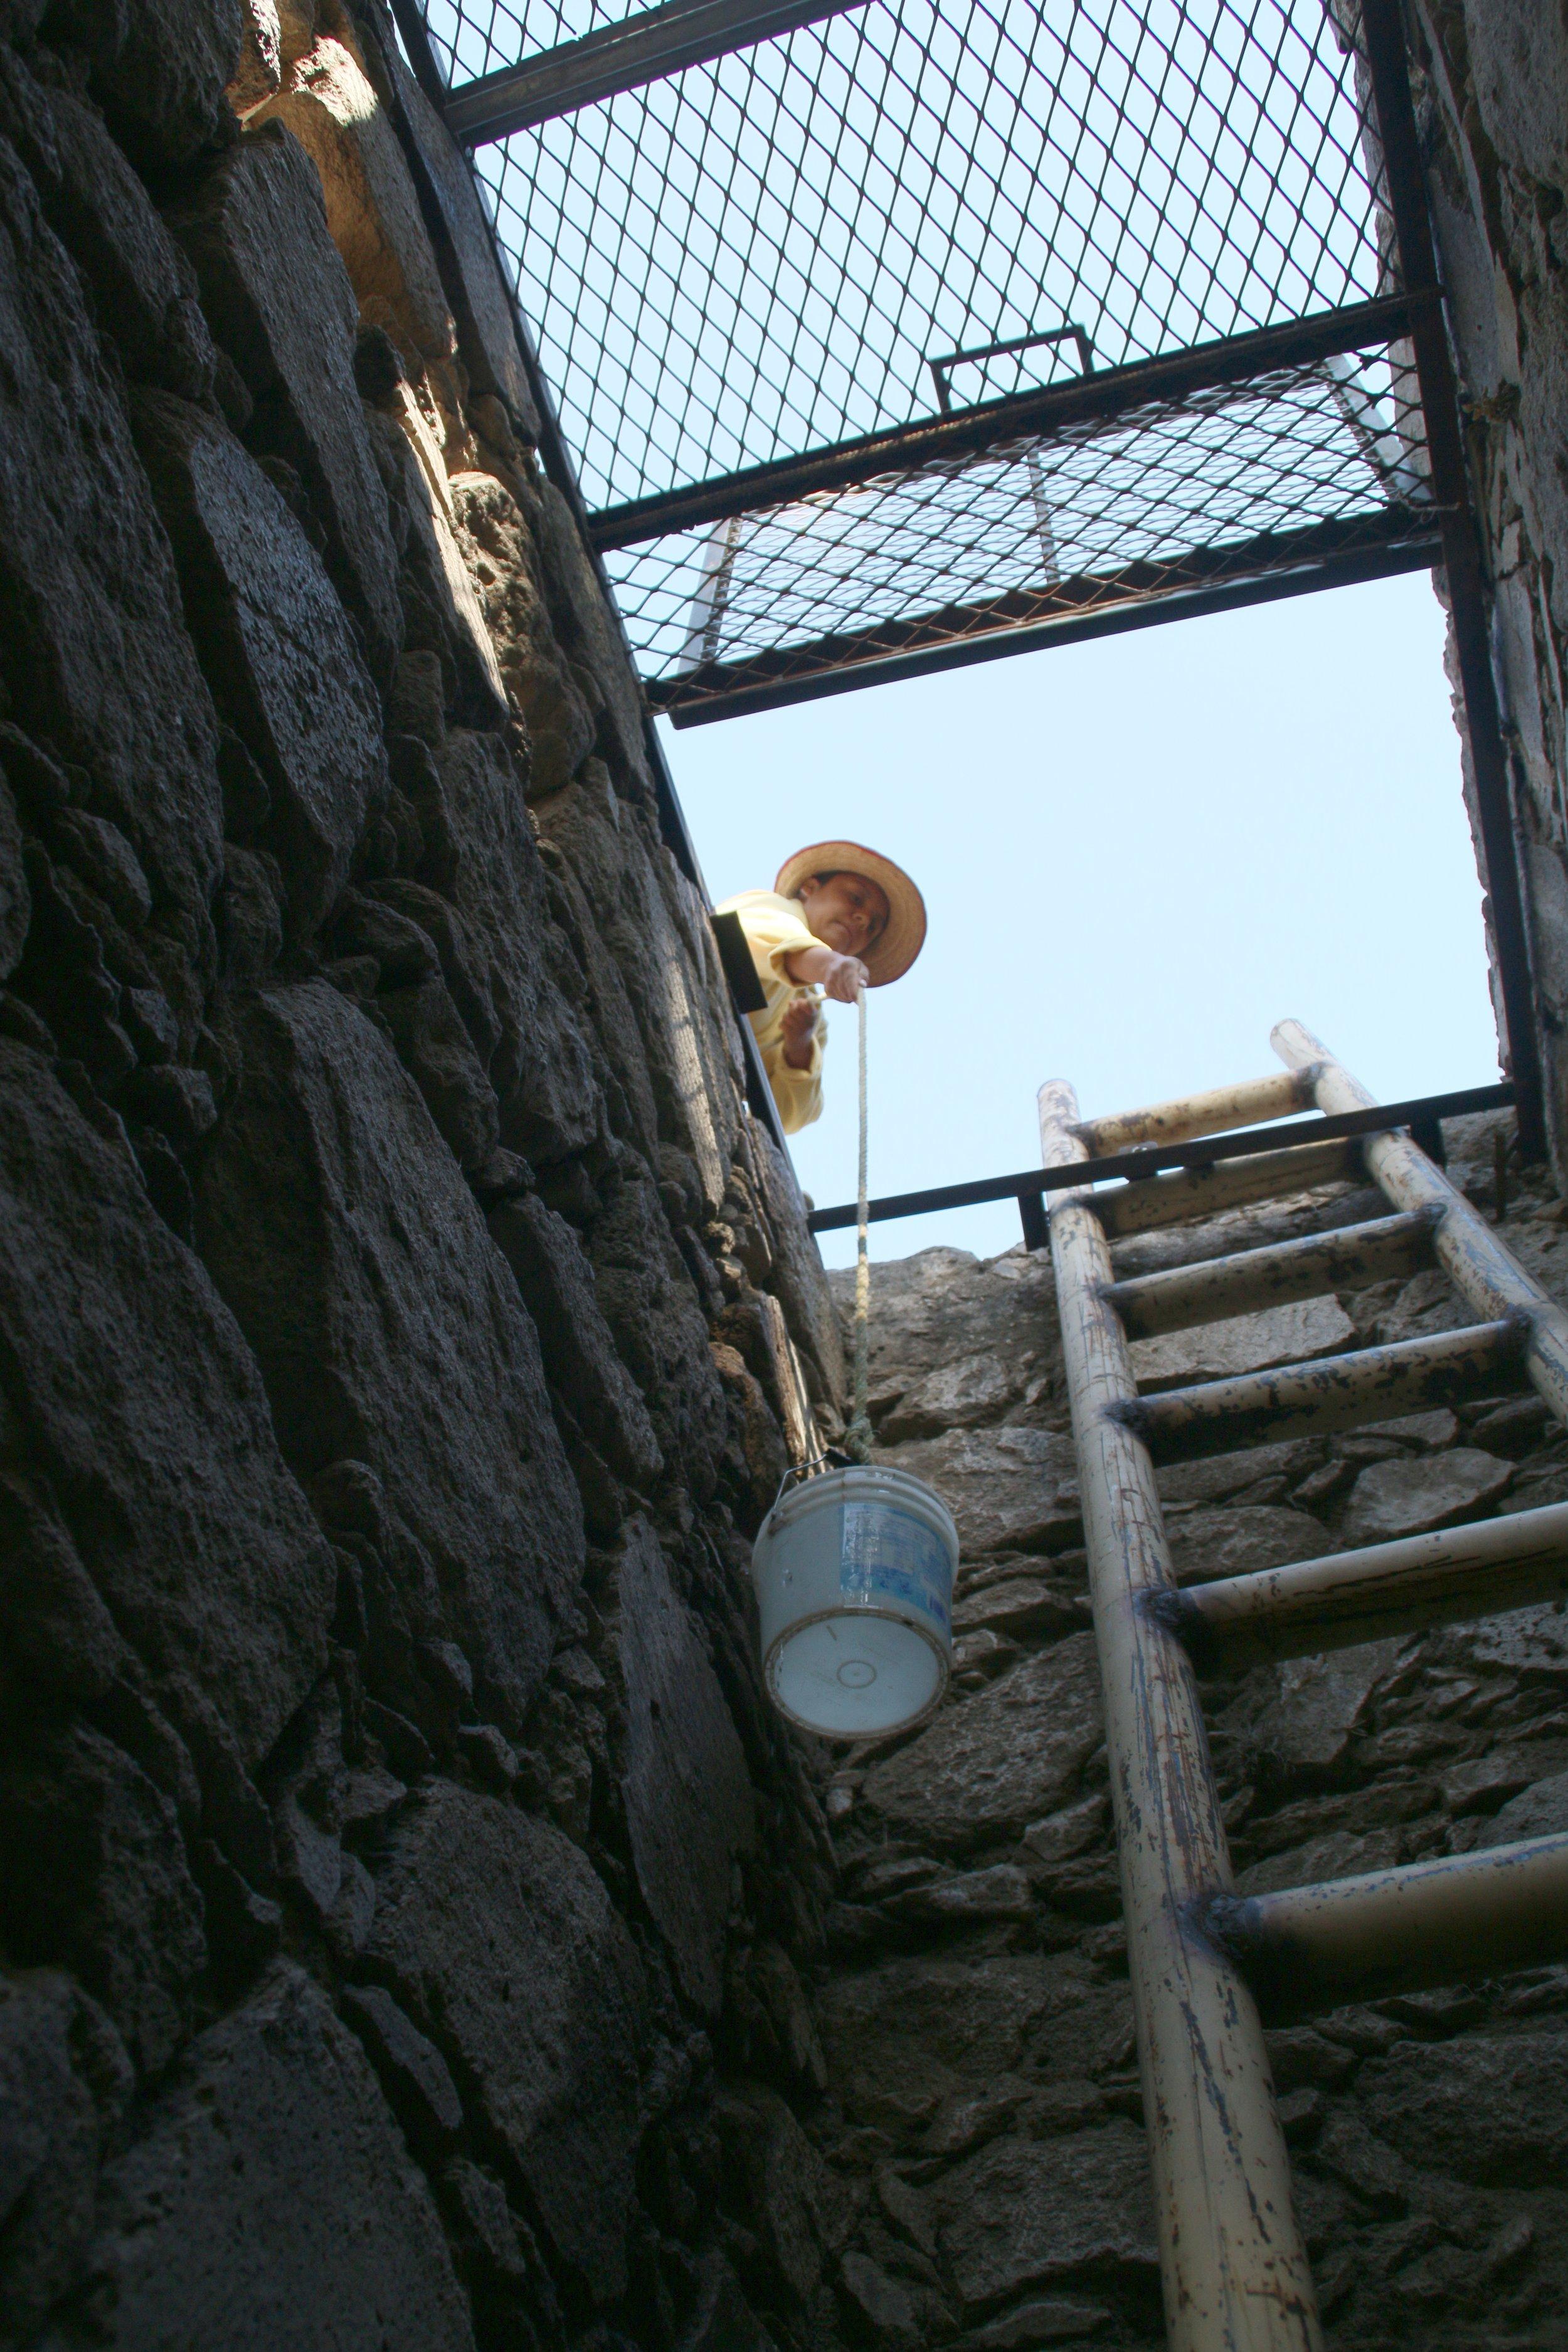 Antes los miembros de la comunidad tenían que extraer agua del pozo usando cubetas atadas a cuerdas - un proceso peligroso.